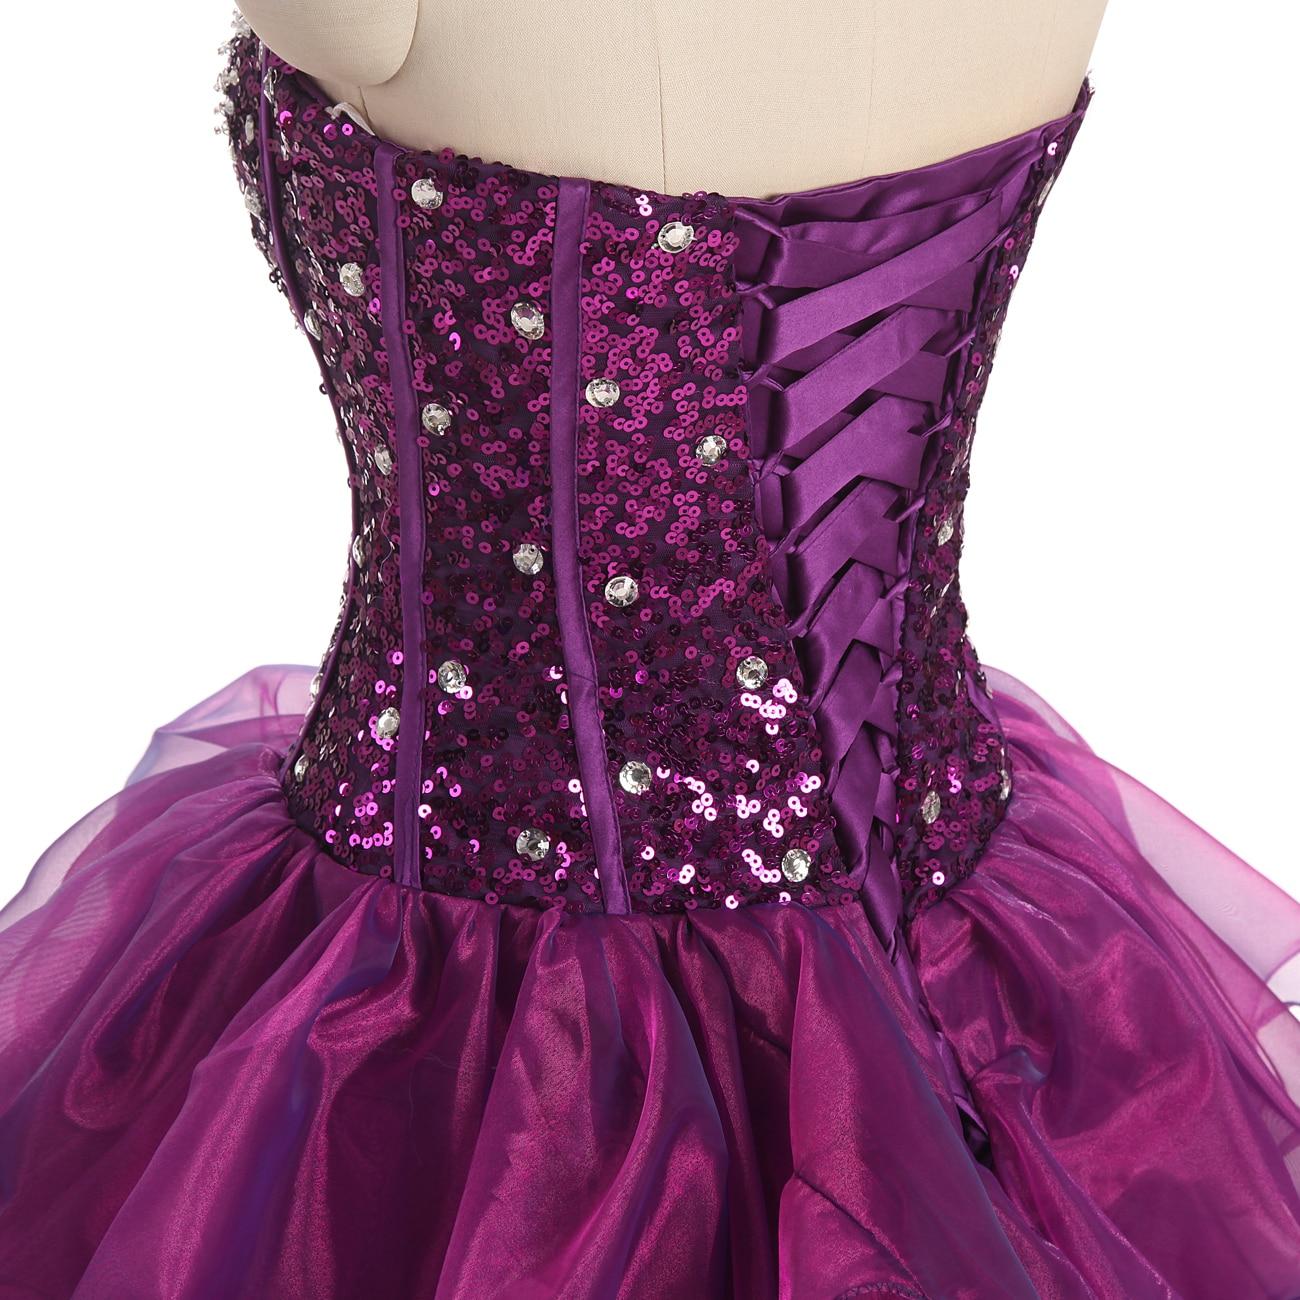 2017 nieuwe sweetheart paarse jurken organza sweet 16 jurken - Jurken voor bijzondere gelegenheden - Foto 3